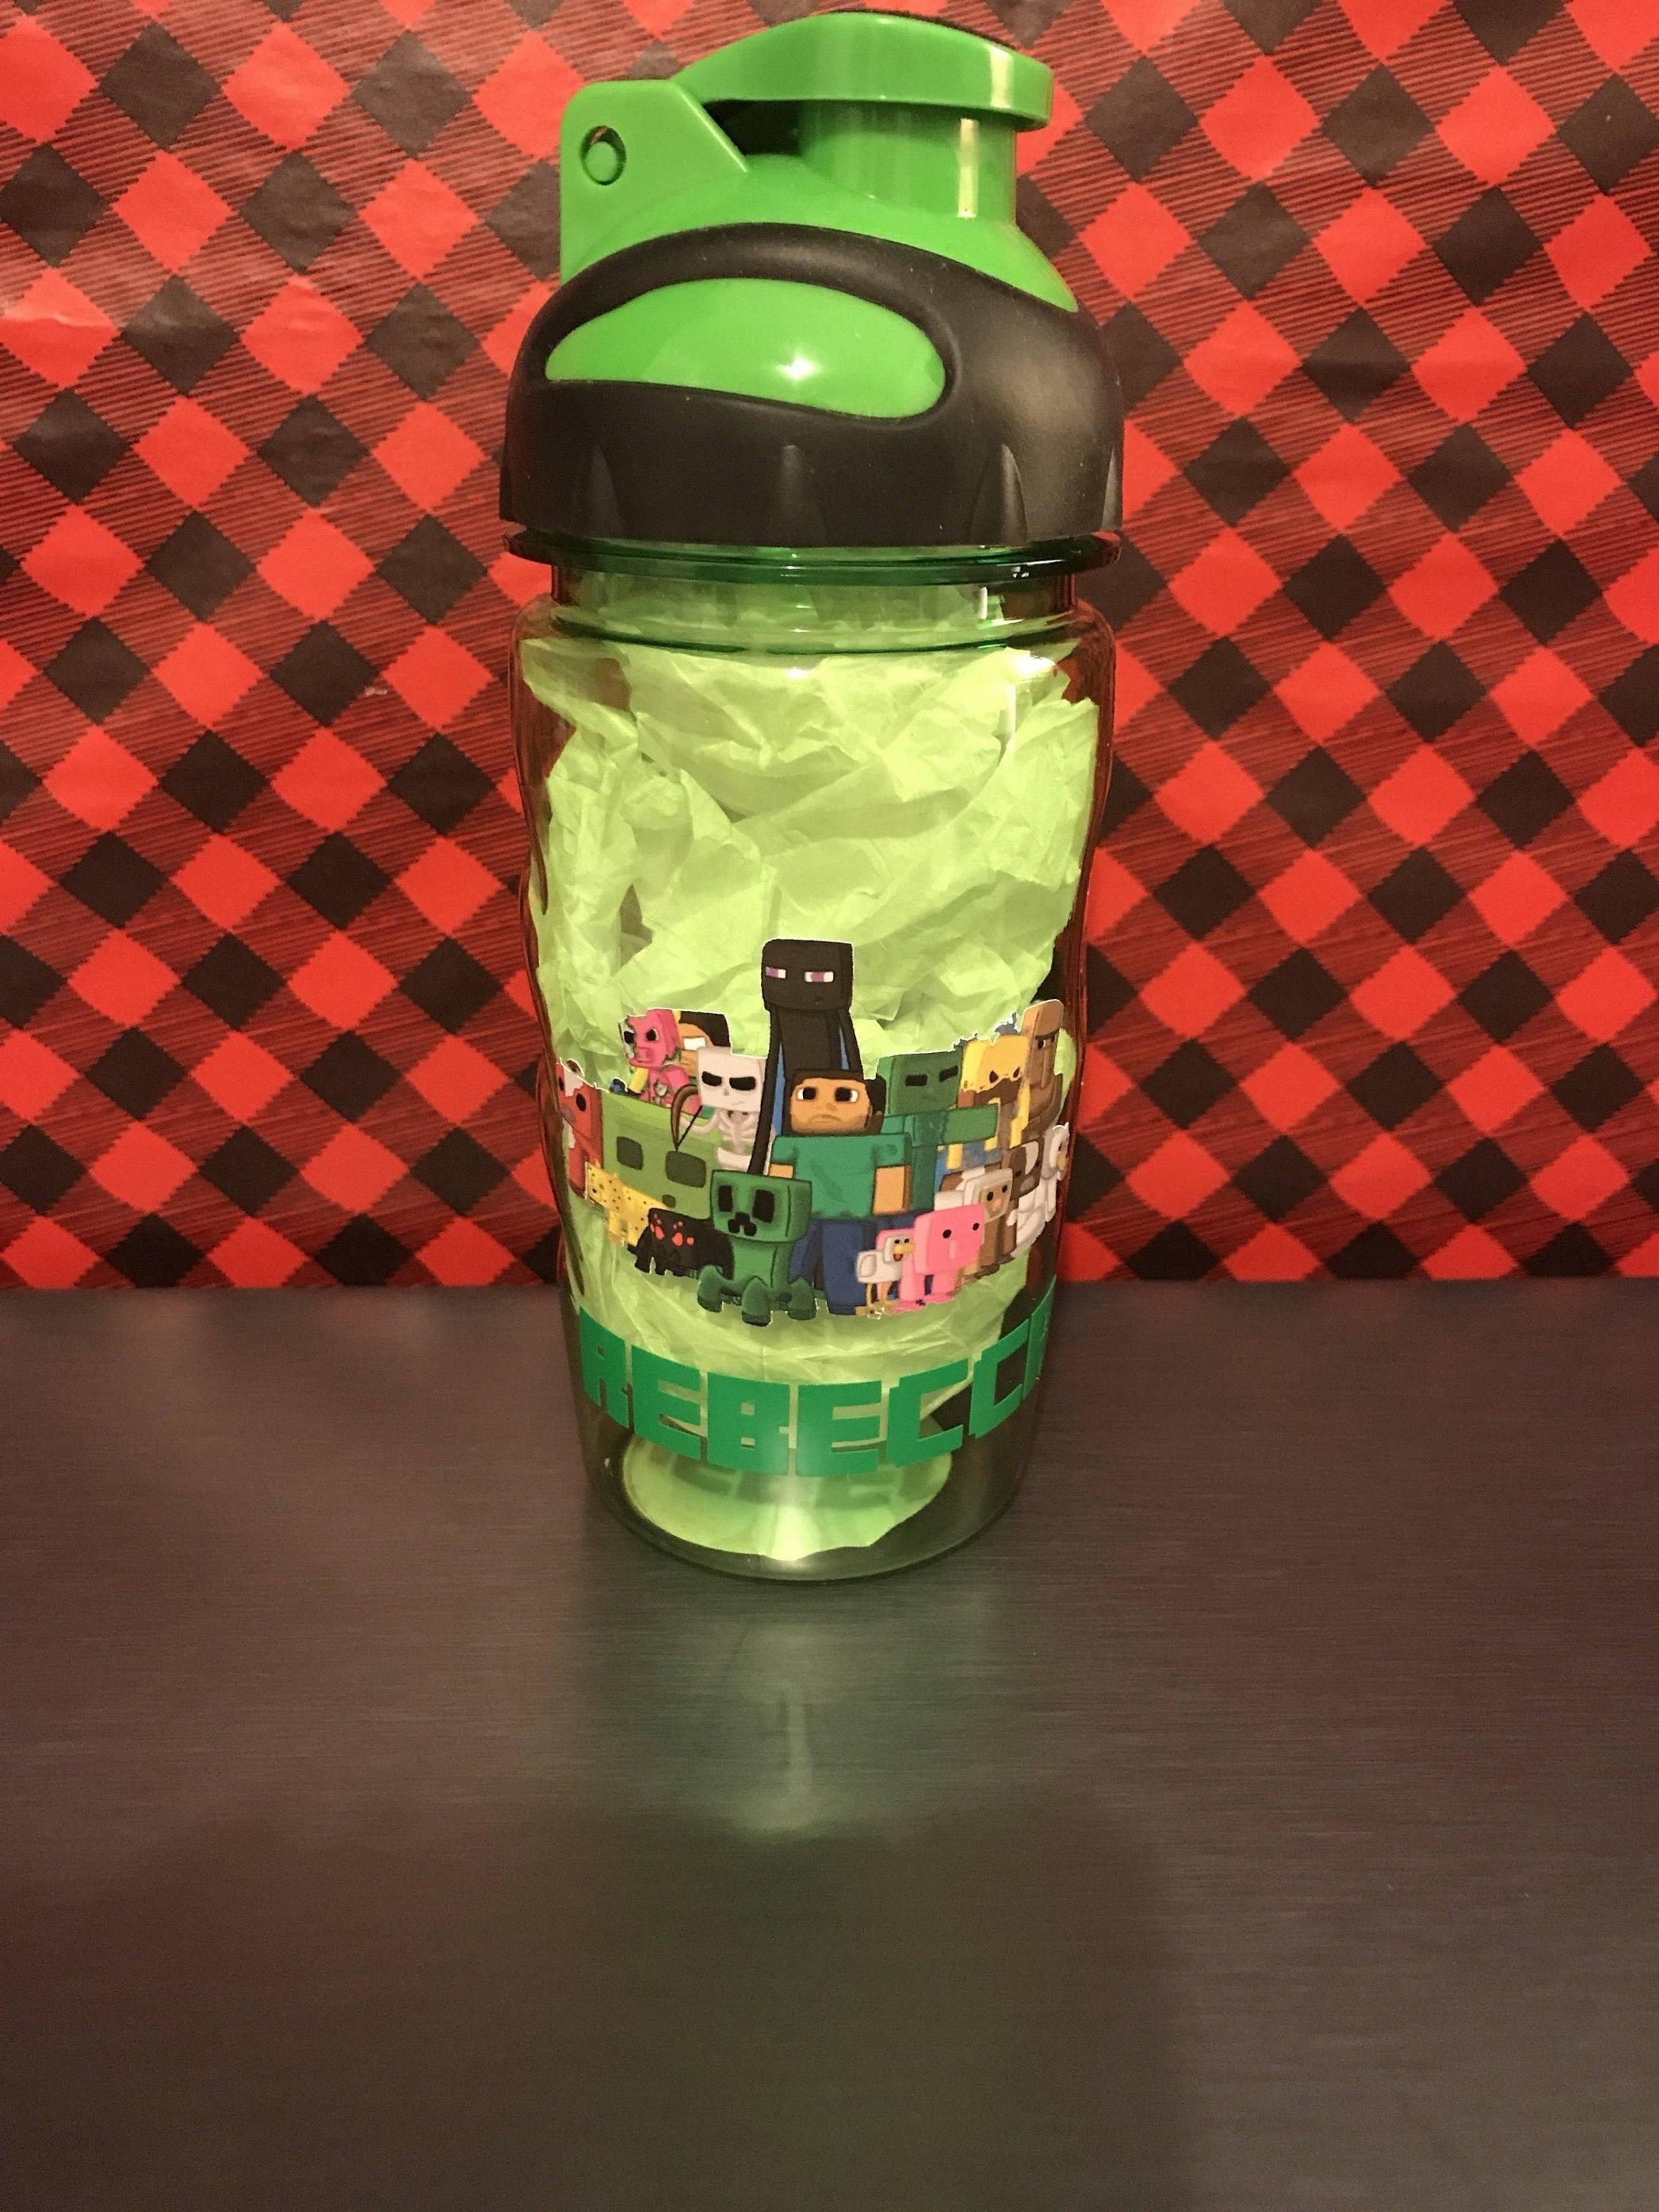 Free Printable Disney Cars Water Bottle Labels - Best Pictures And - Free Printable Disney Cars Water Bottle Labels